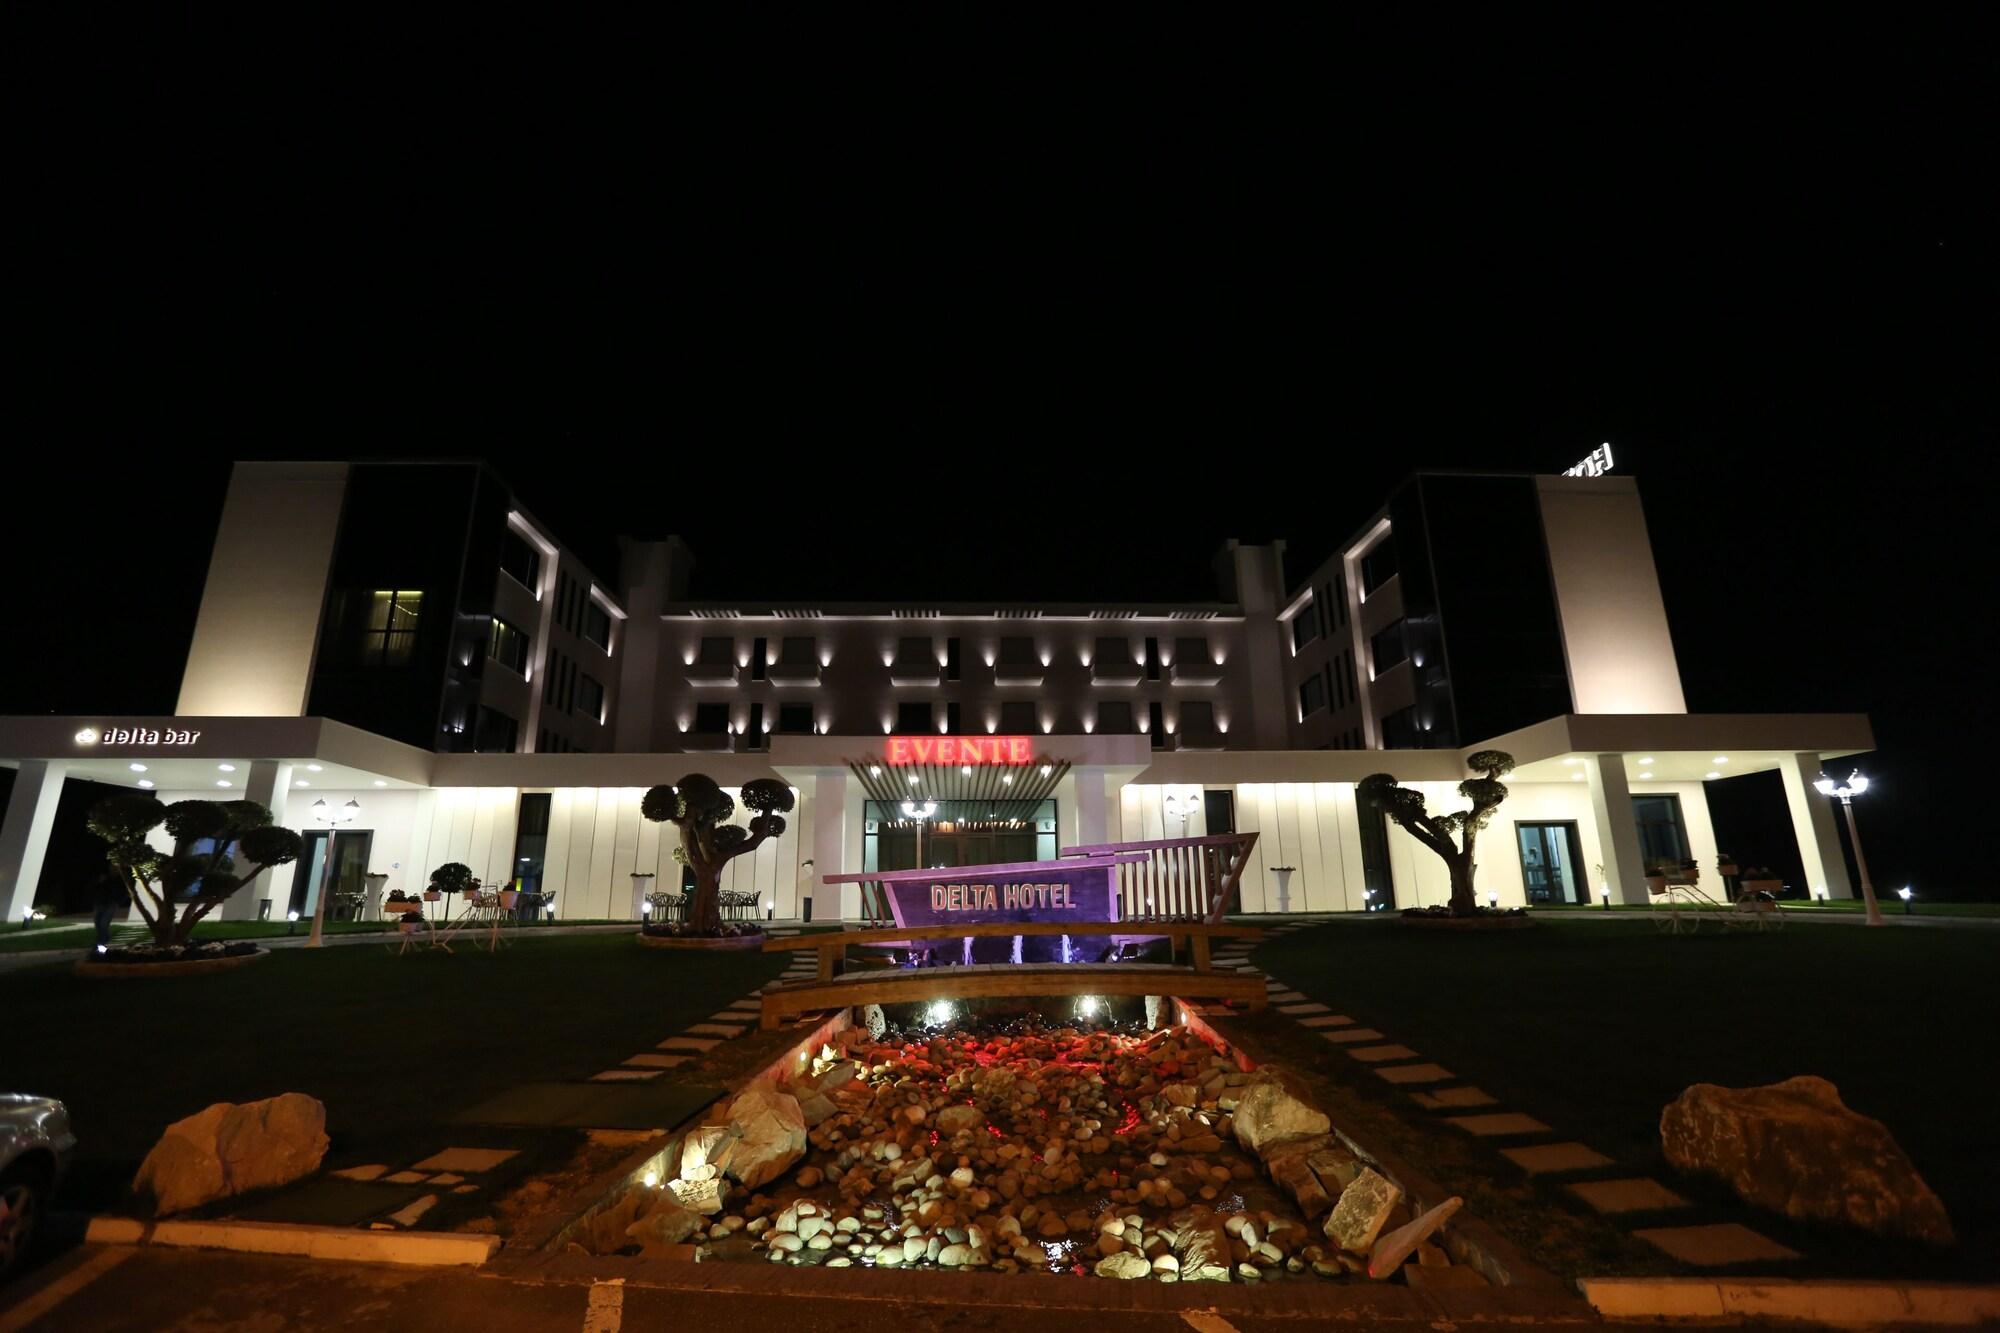 Delta Hotel, Durrësit